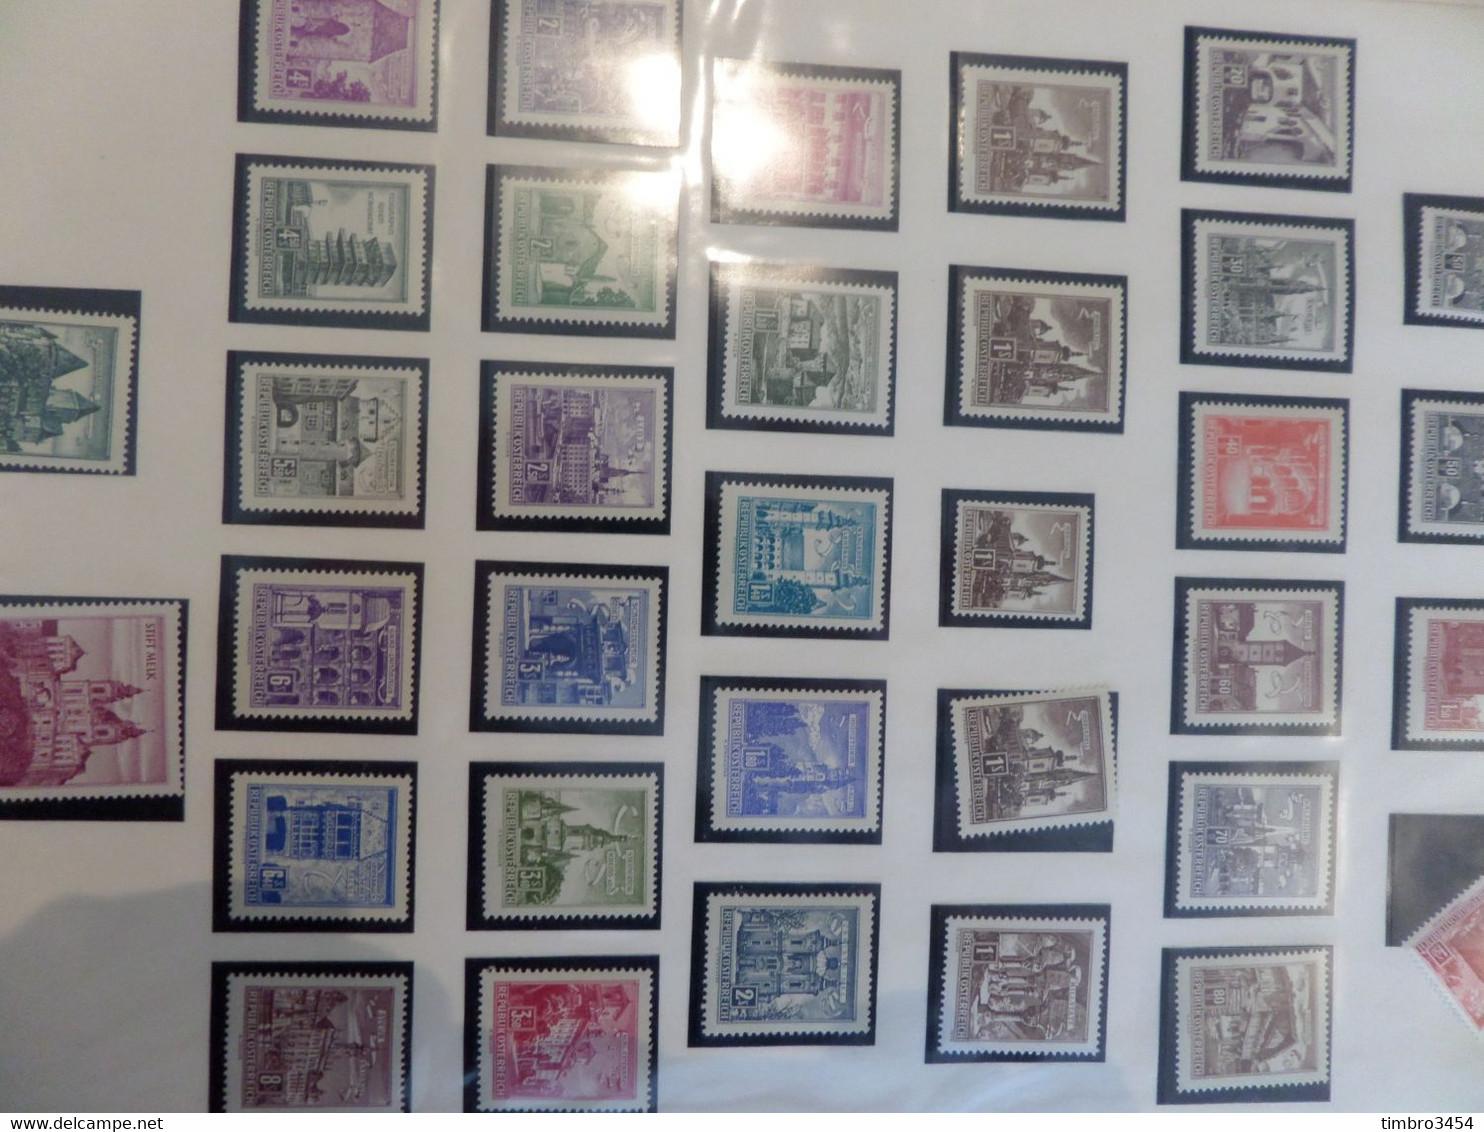 Superbe Vrac De Milliers De Timbres Tous Pays. Collection De France, Anciens, Bonnes Valeurs, Cote énorme. A Saisir! - Lots & Kiloware (mixtures) - Min. 1000 Stamps